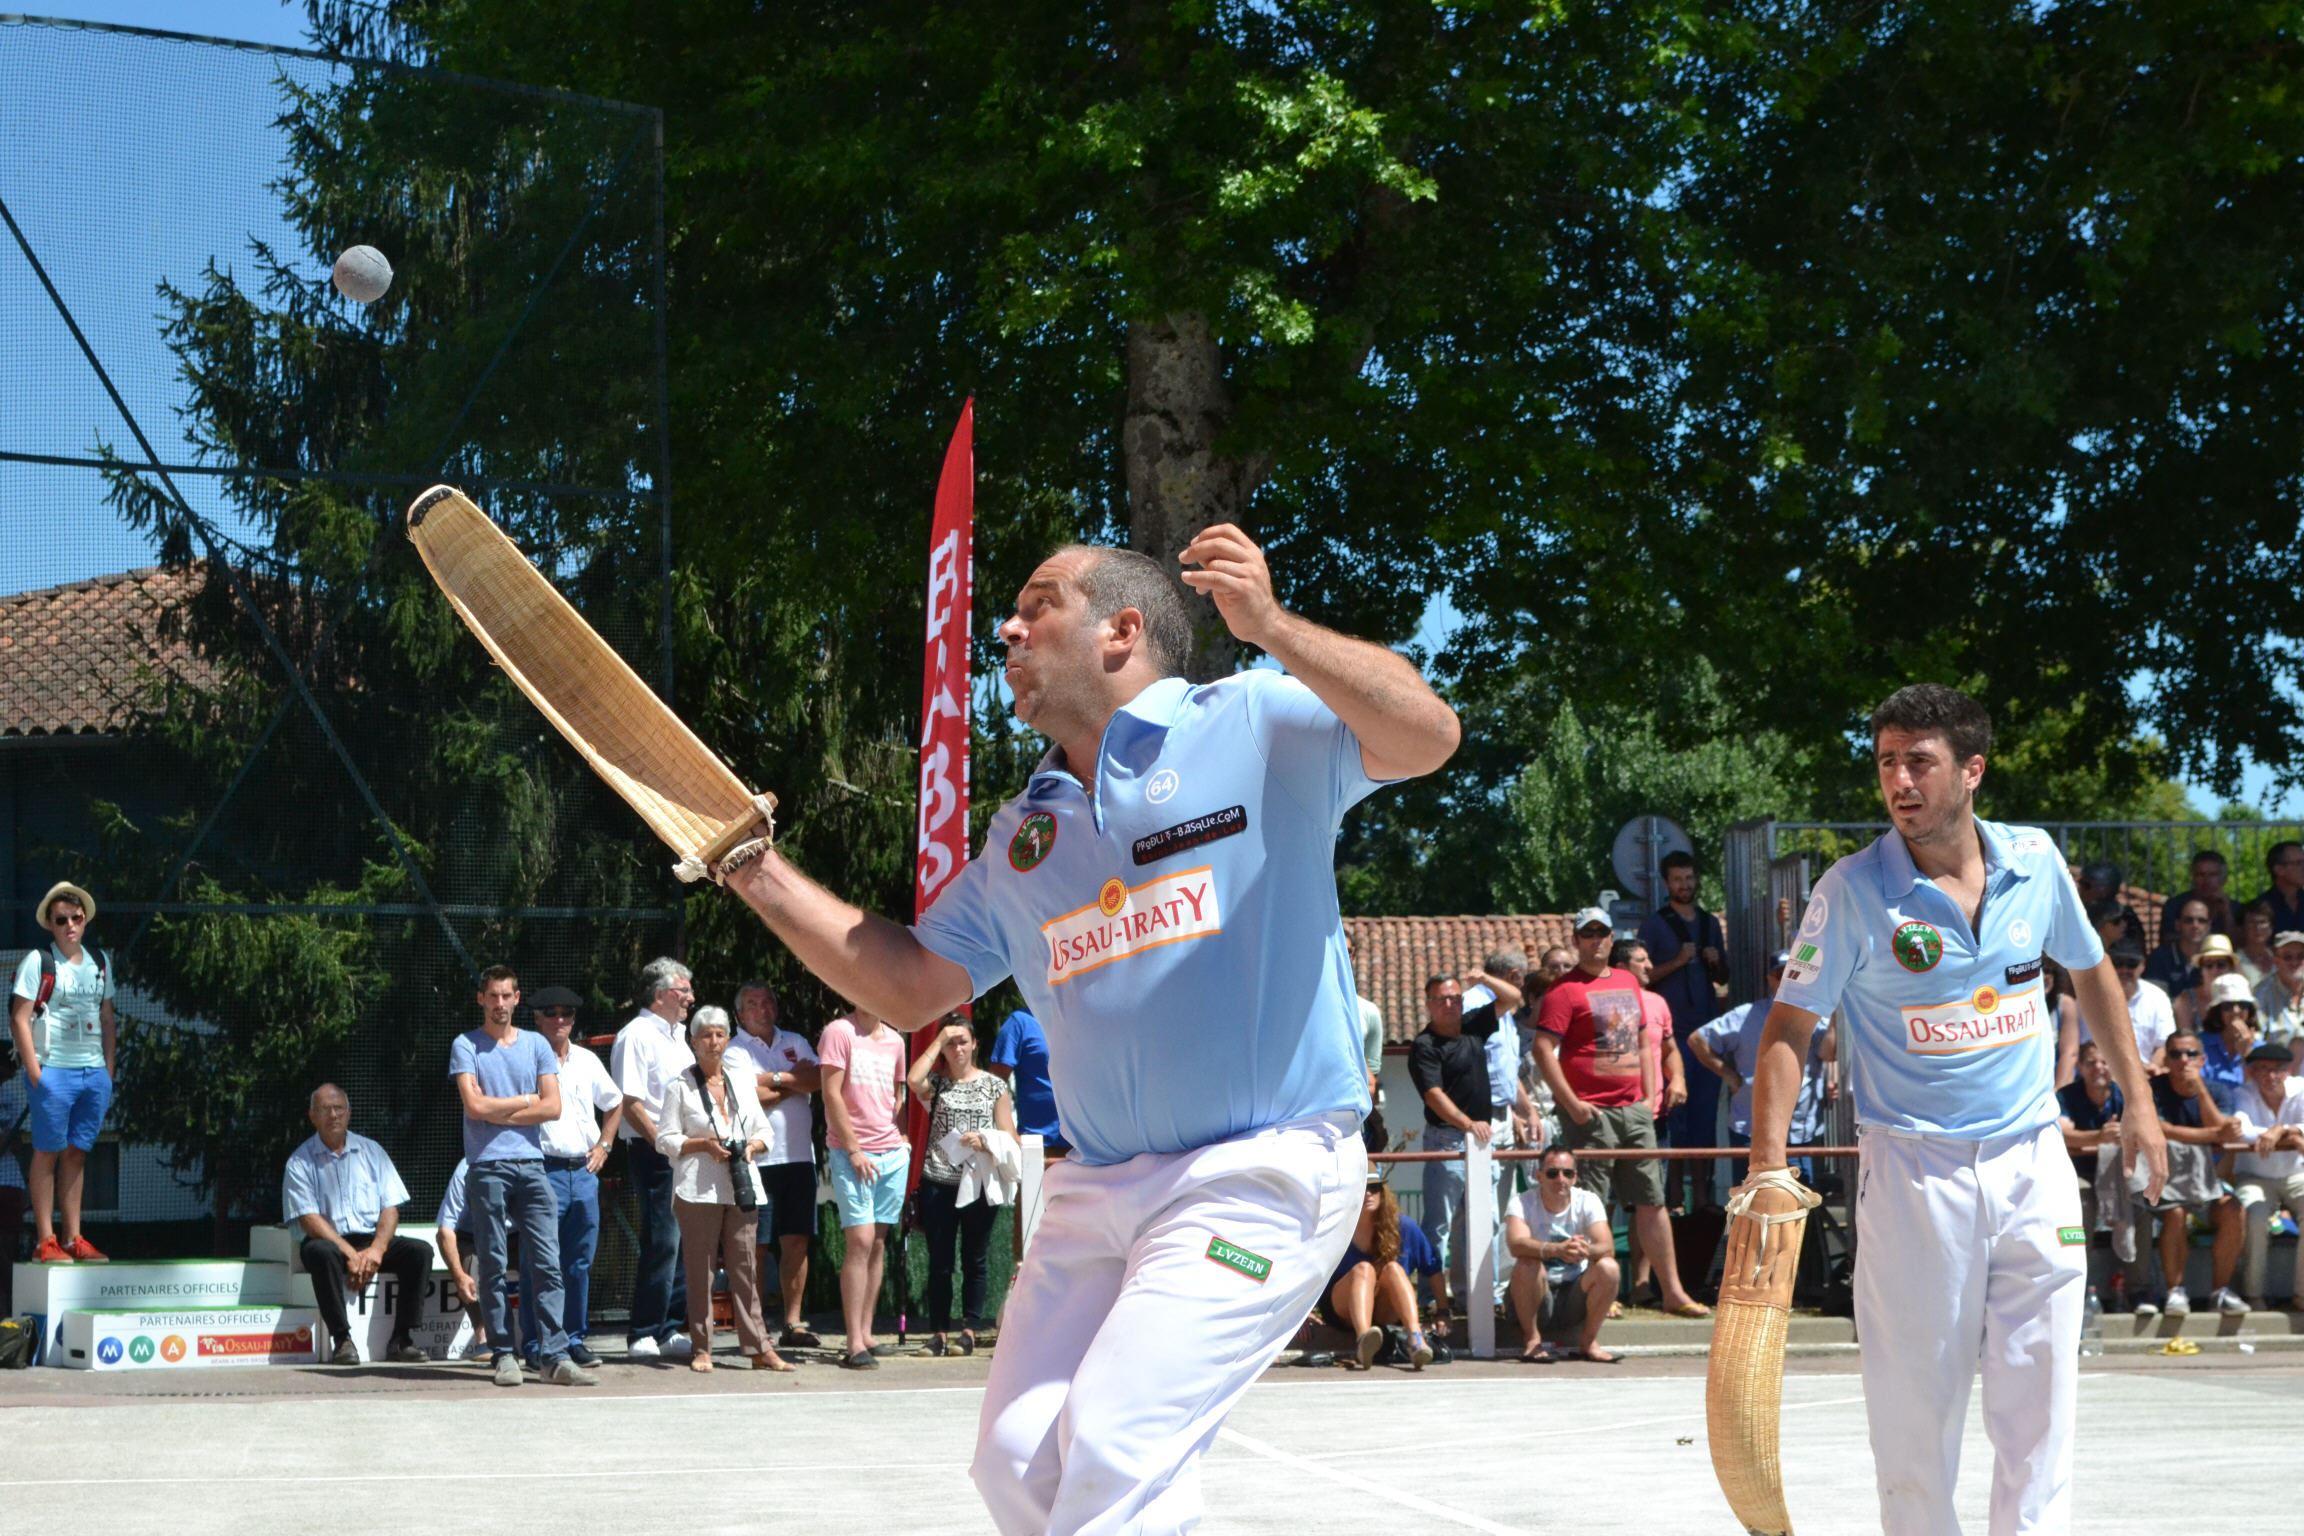 Partie de pelote basque à Saint-Jean-de-Luz